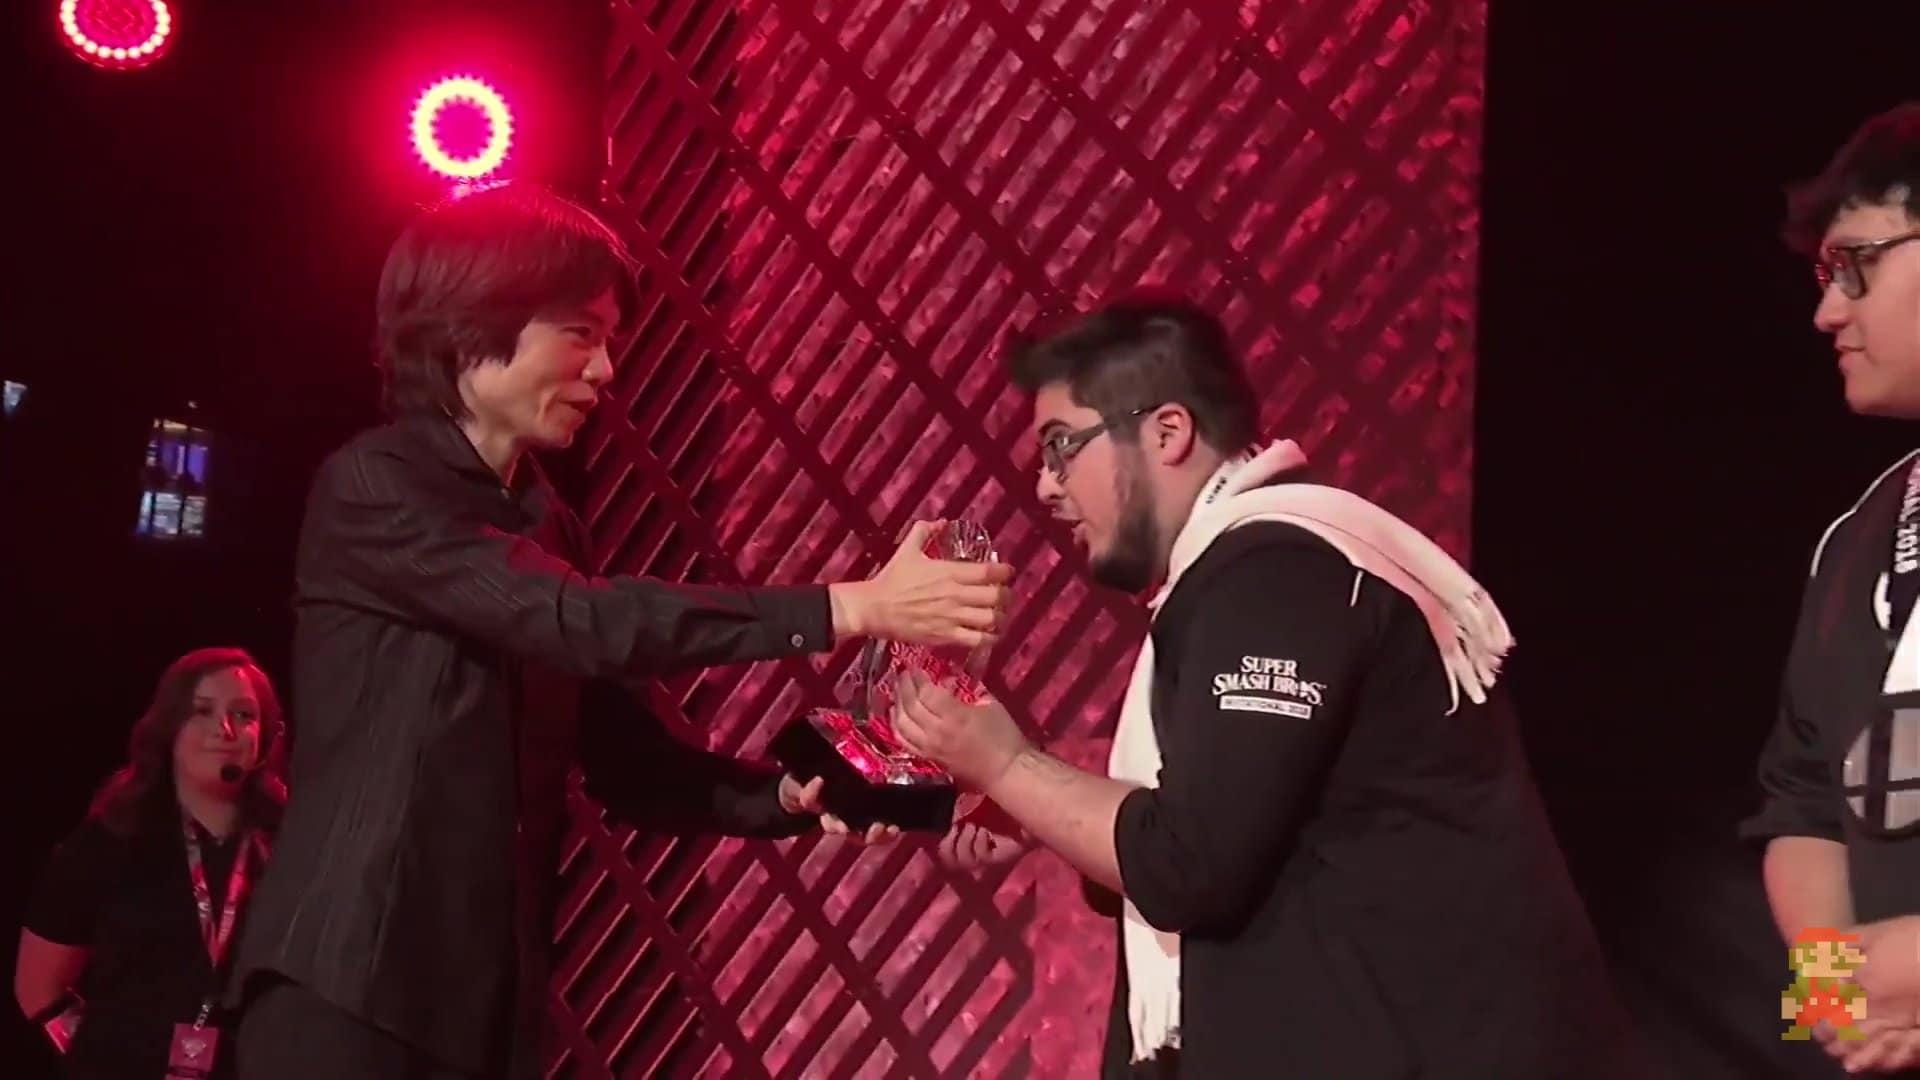 ¿Por qué lleva bufanda el campeón del Super Smash Bros. Invitational?